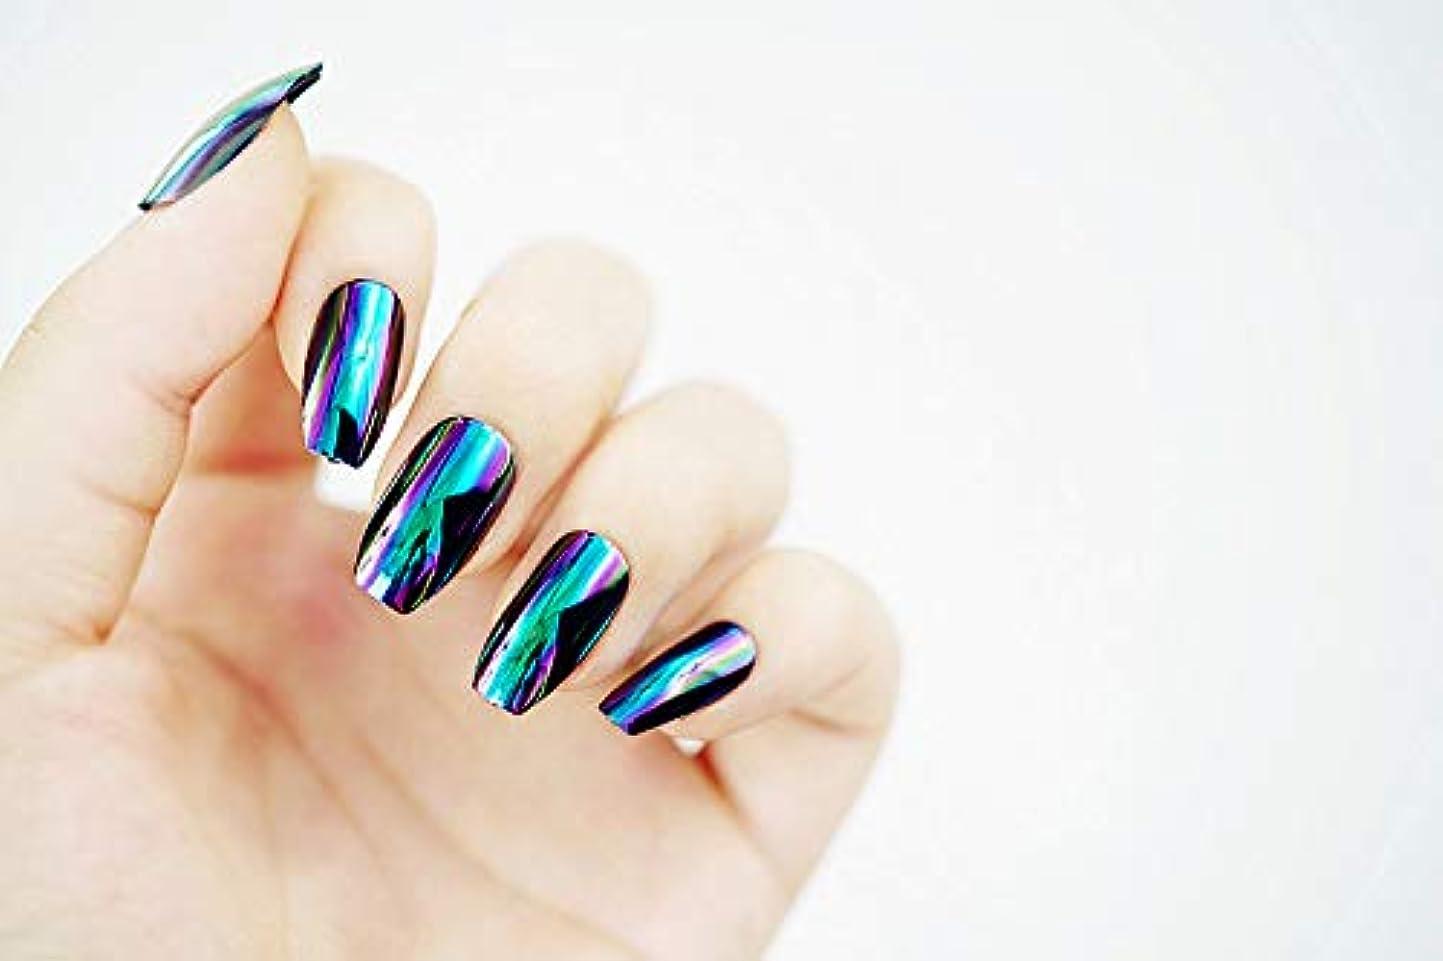 耐えるトライアスリートリーク欧米で流行るパンク風付け爪 色変化のミラー付け爪 24枚付け爪